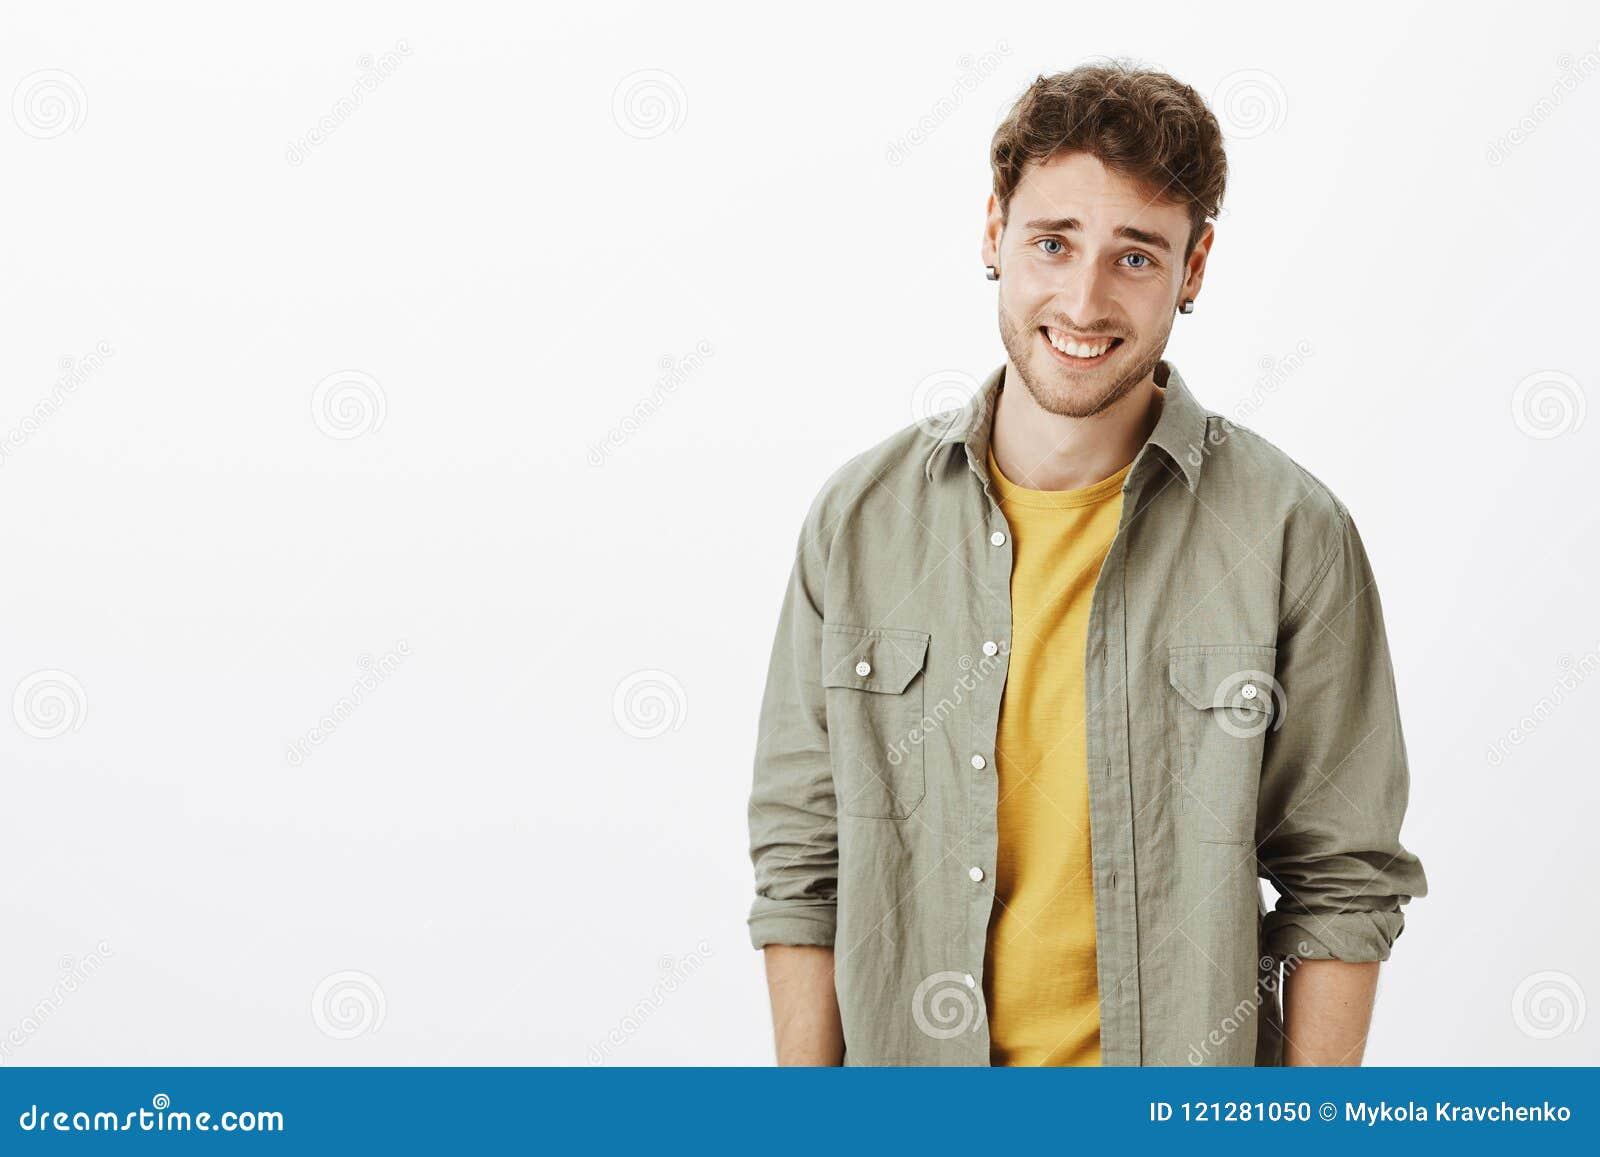 Midja-uppskott av den arroganta stiliga och självsäkra lockig-haired mannen med borstet som skrattar och ser önskaförakt på